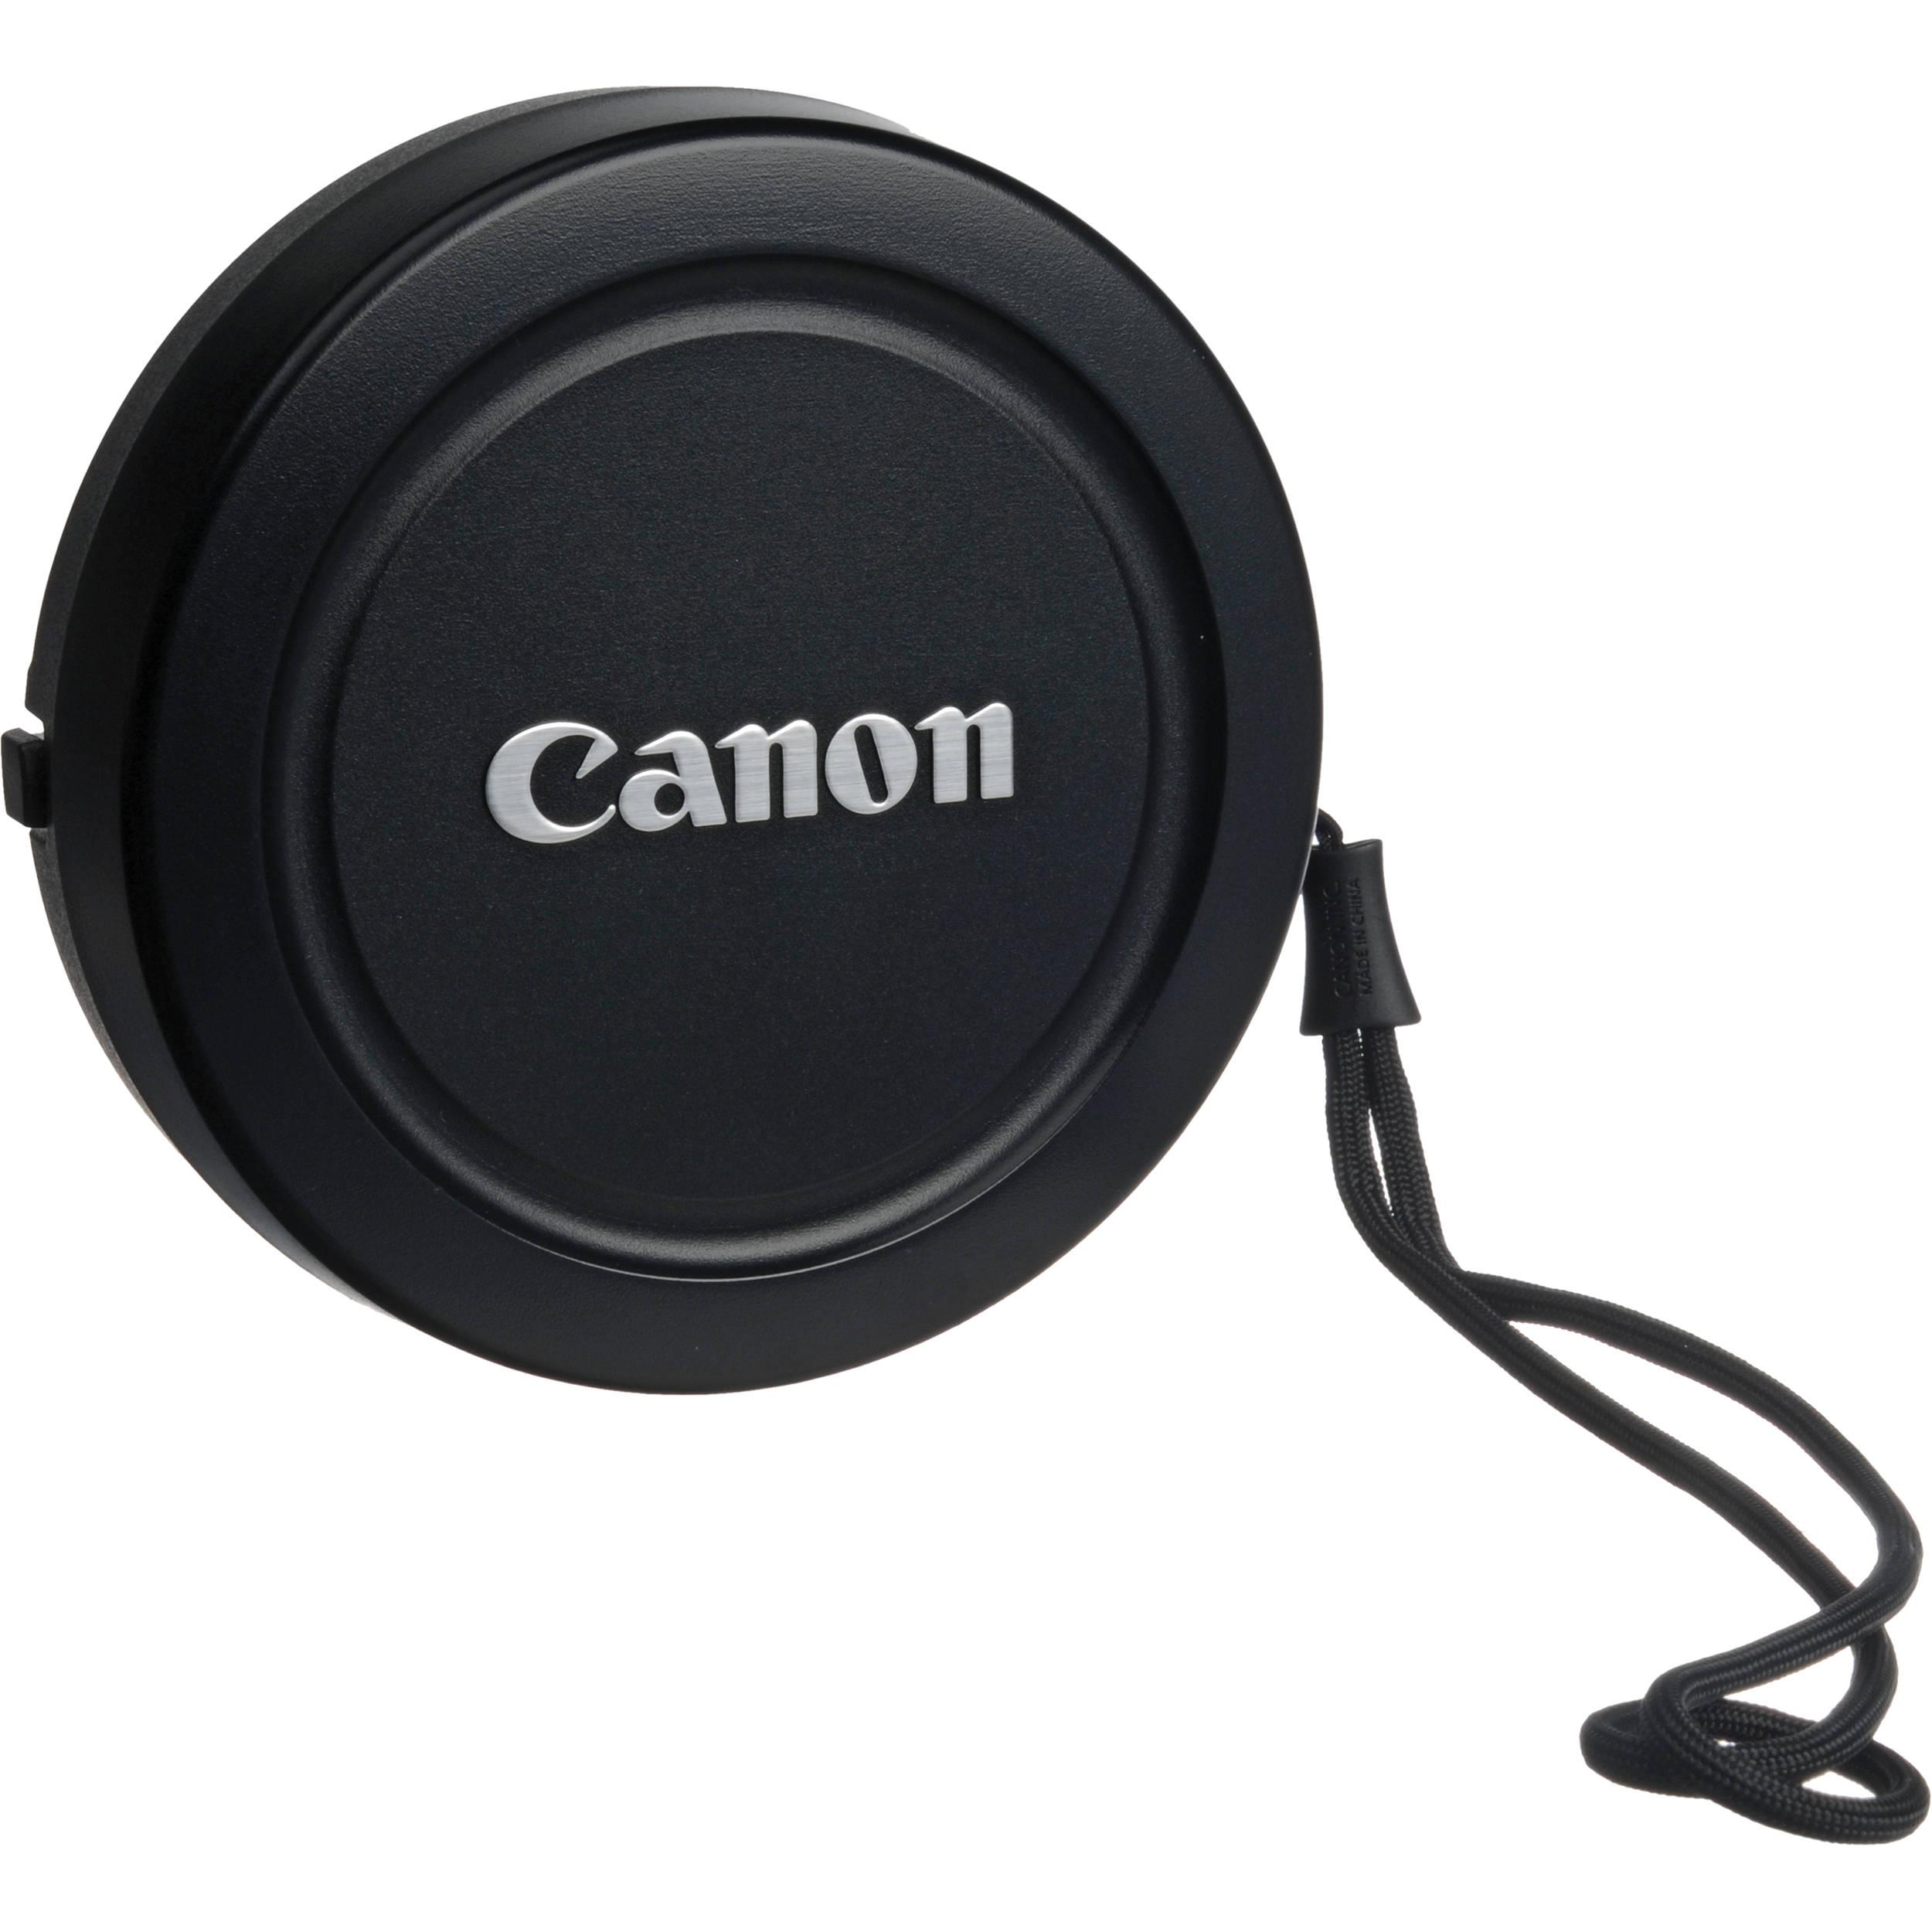 Canon Lens Cap for TS-E 17mm f/4L Tilt-Shift Lens 3557B001 B&H